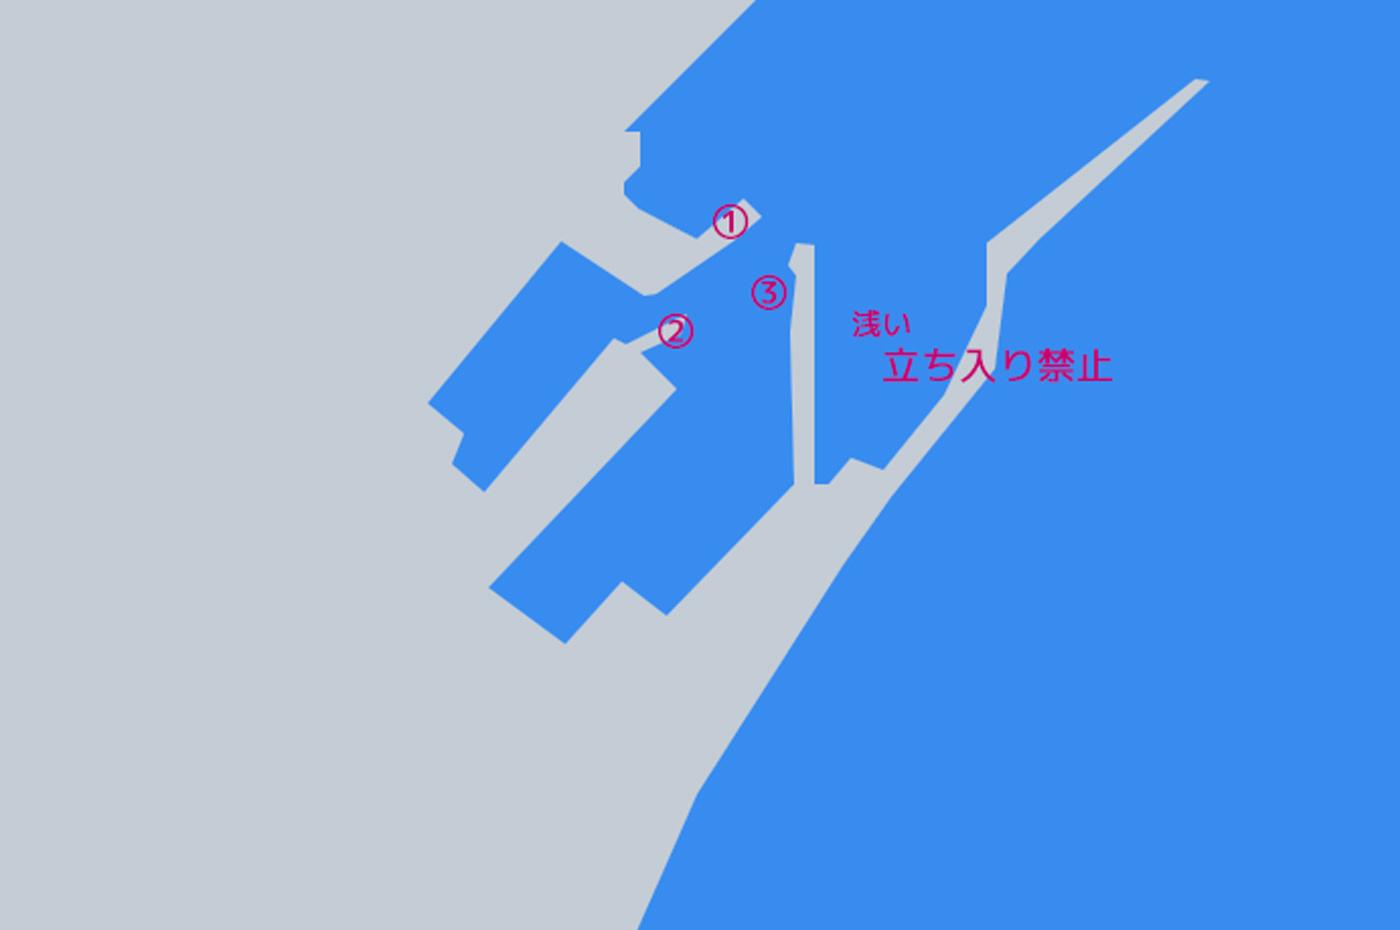 千田港のポイント図